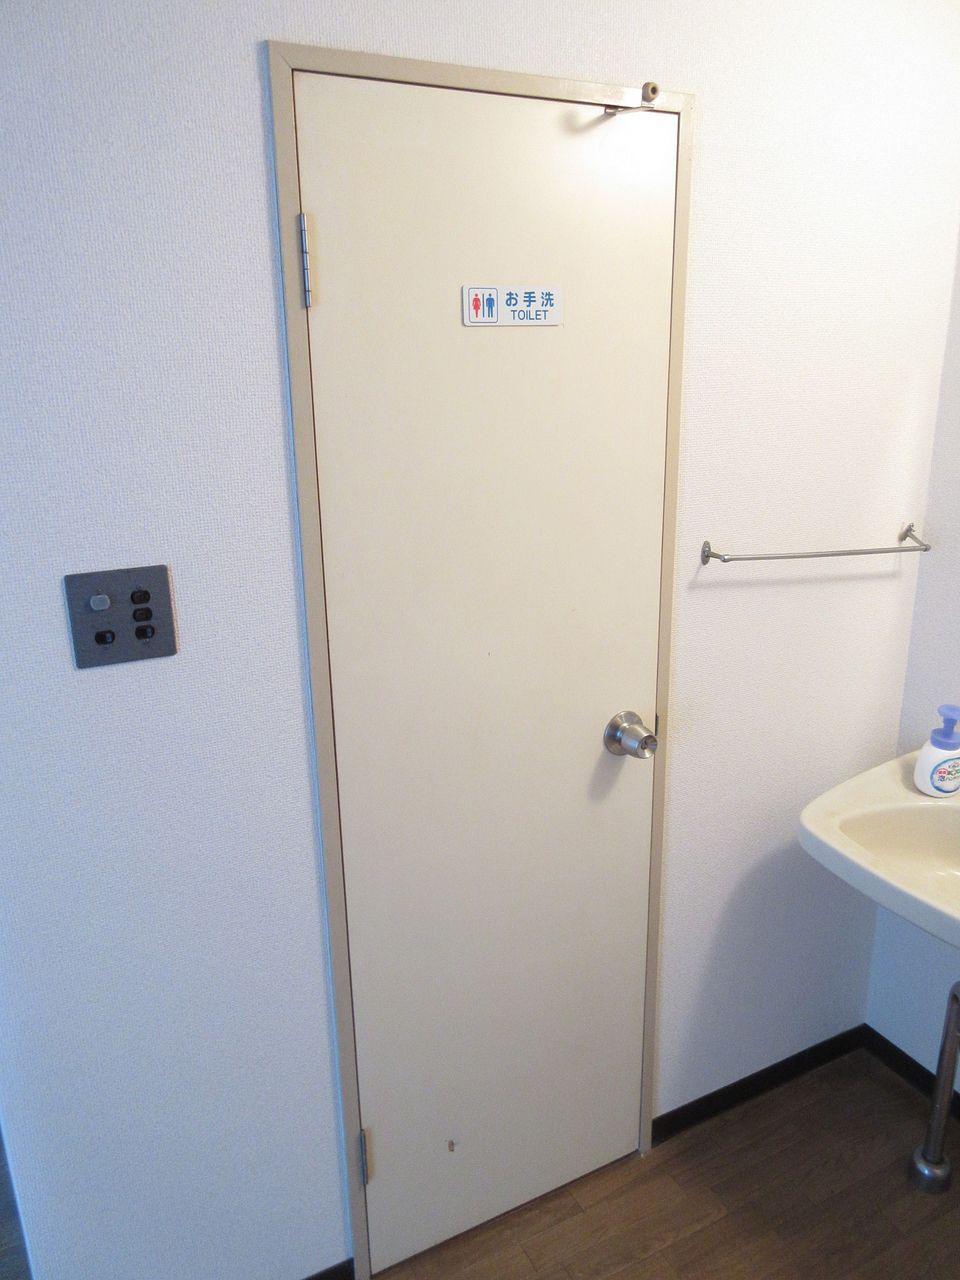 みなさまこんにちは。 今回はこちらのトイレの扉を新規に作って交換してみたいと思います。 扉の交換と聞くと難しい感じはしますが、今までの経験を活かせば意外とできてしまうのではないかと思ったので挑戦します。